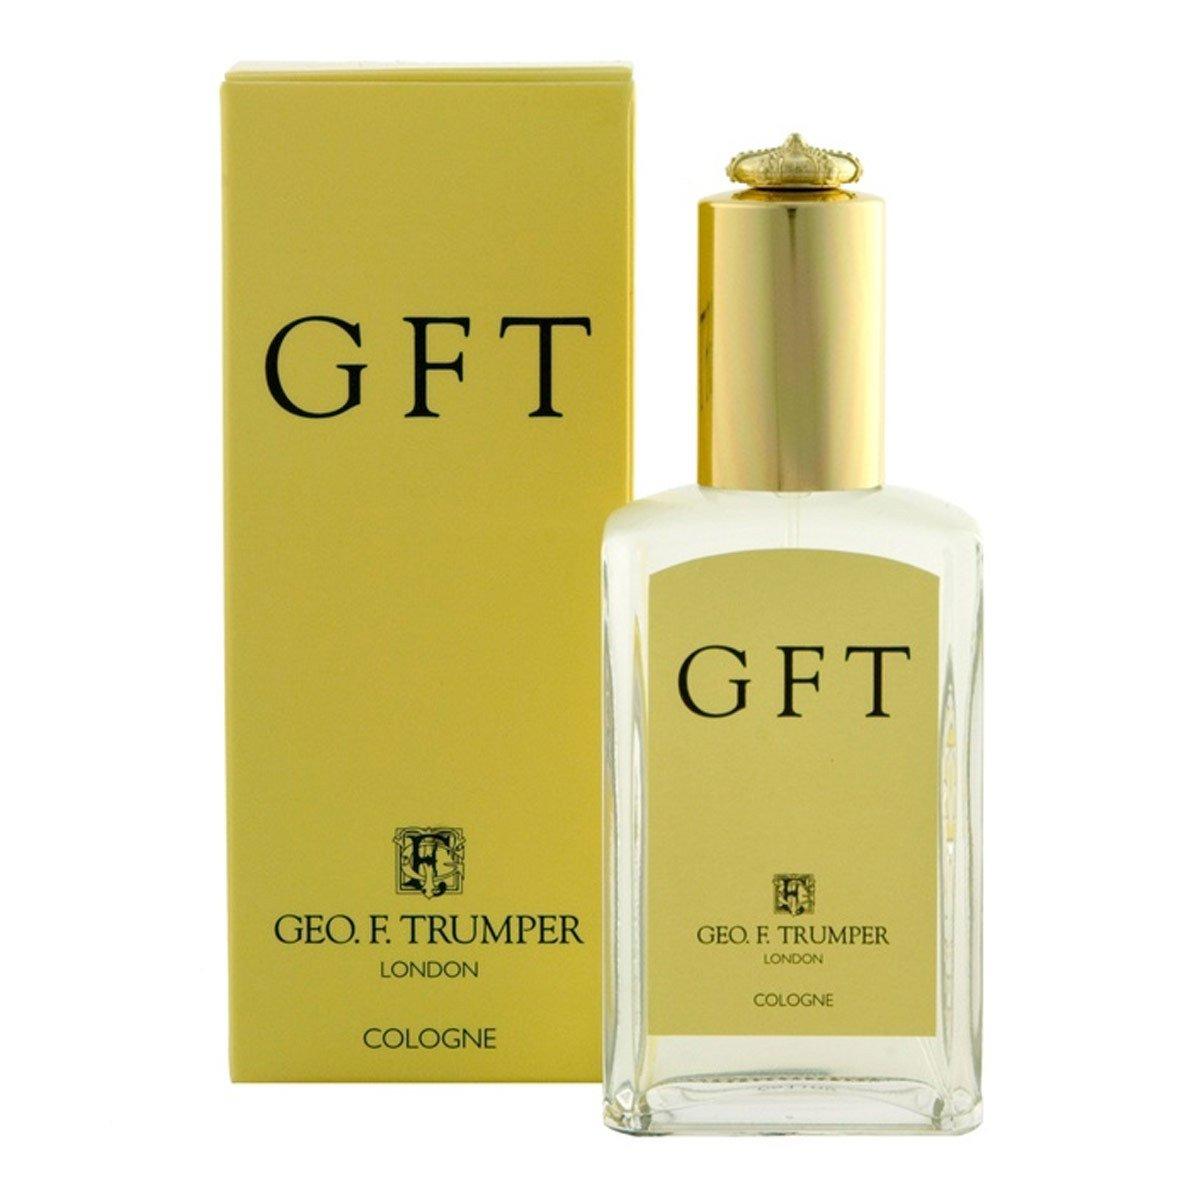 Geo F. Trumper Cologne 50ml cologne by Geo F. Trumper by Geo F. Trumper Geo F Trumper 171156